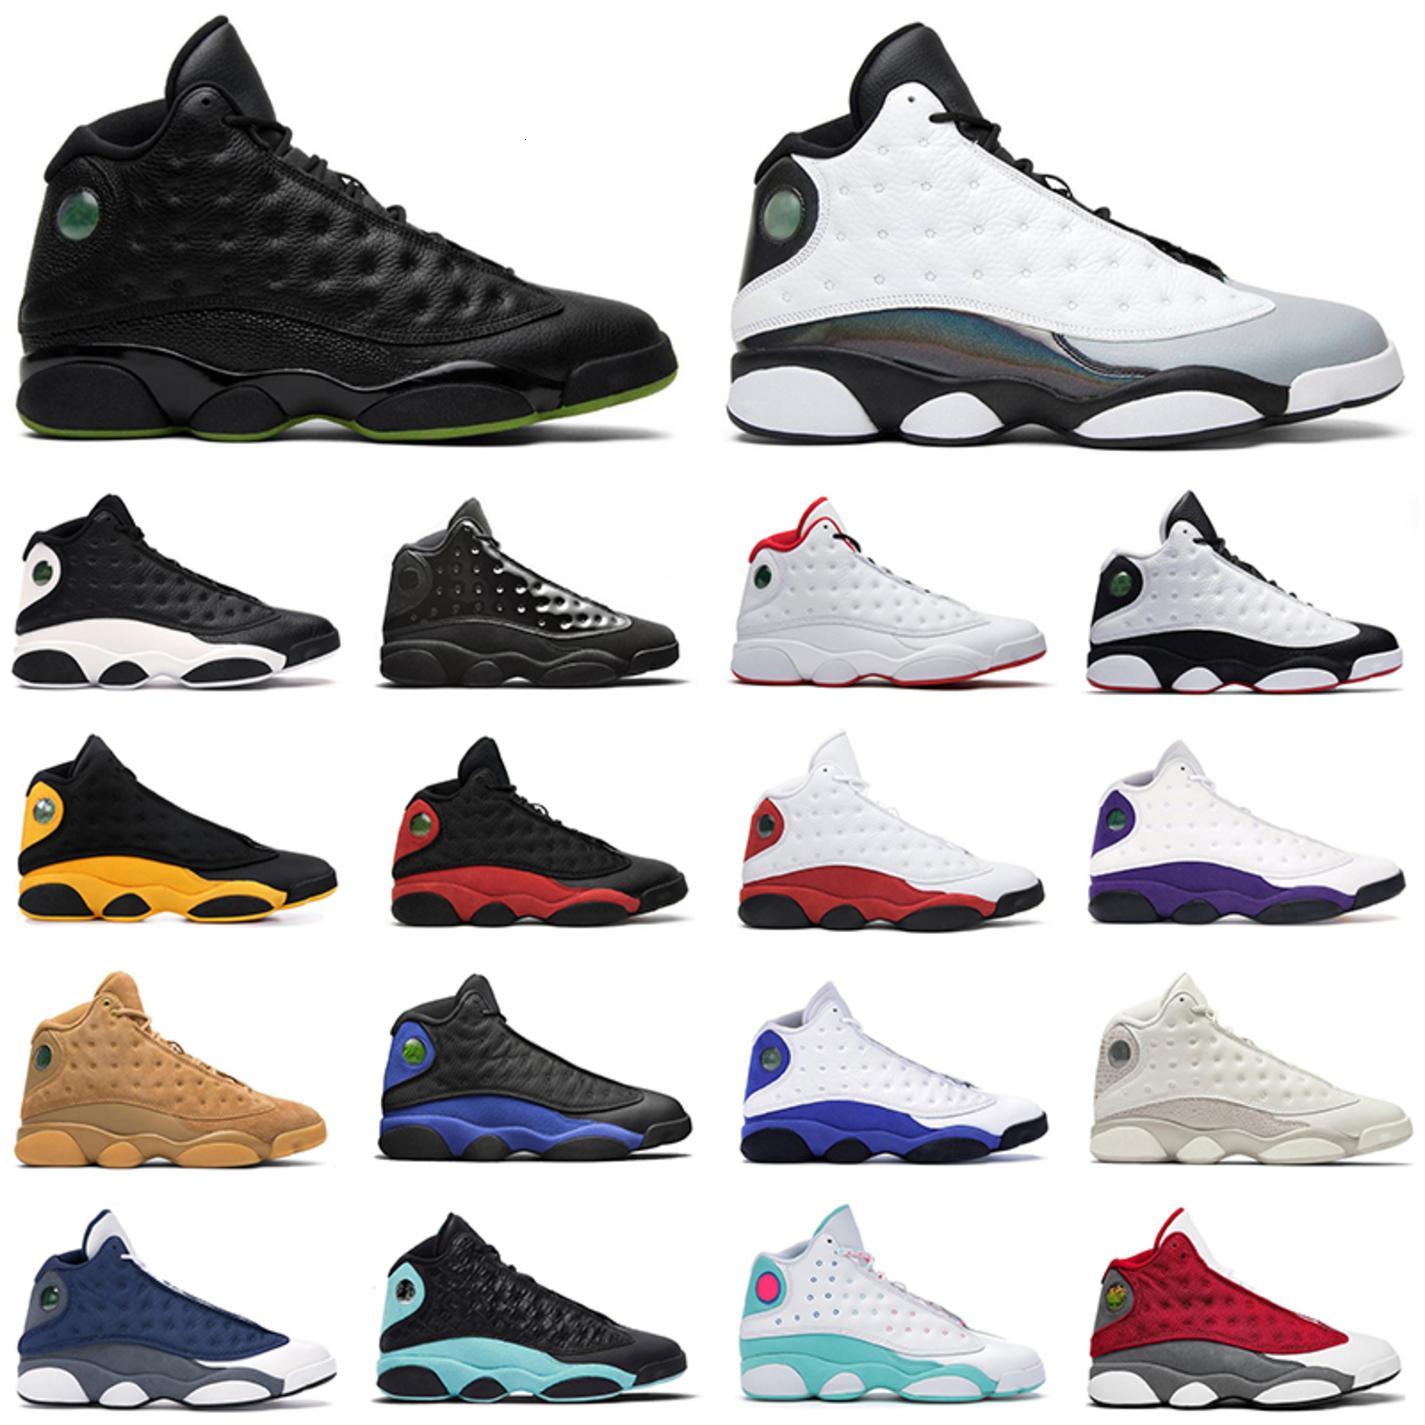 Новые 13s Мужские Баскетбольные Обувь Z Красный Флинт Реверс У него есть игра Lucky Power Зеленый Черный Кот Чикаго Брейд Женщины Тренеры Спортивные кроссовки